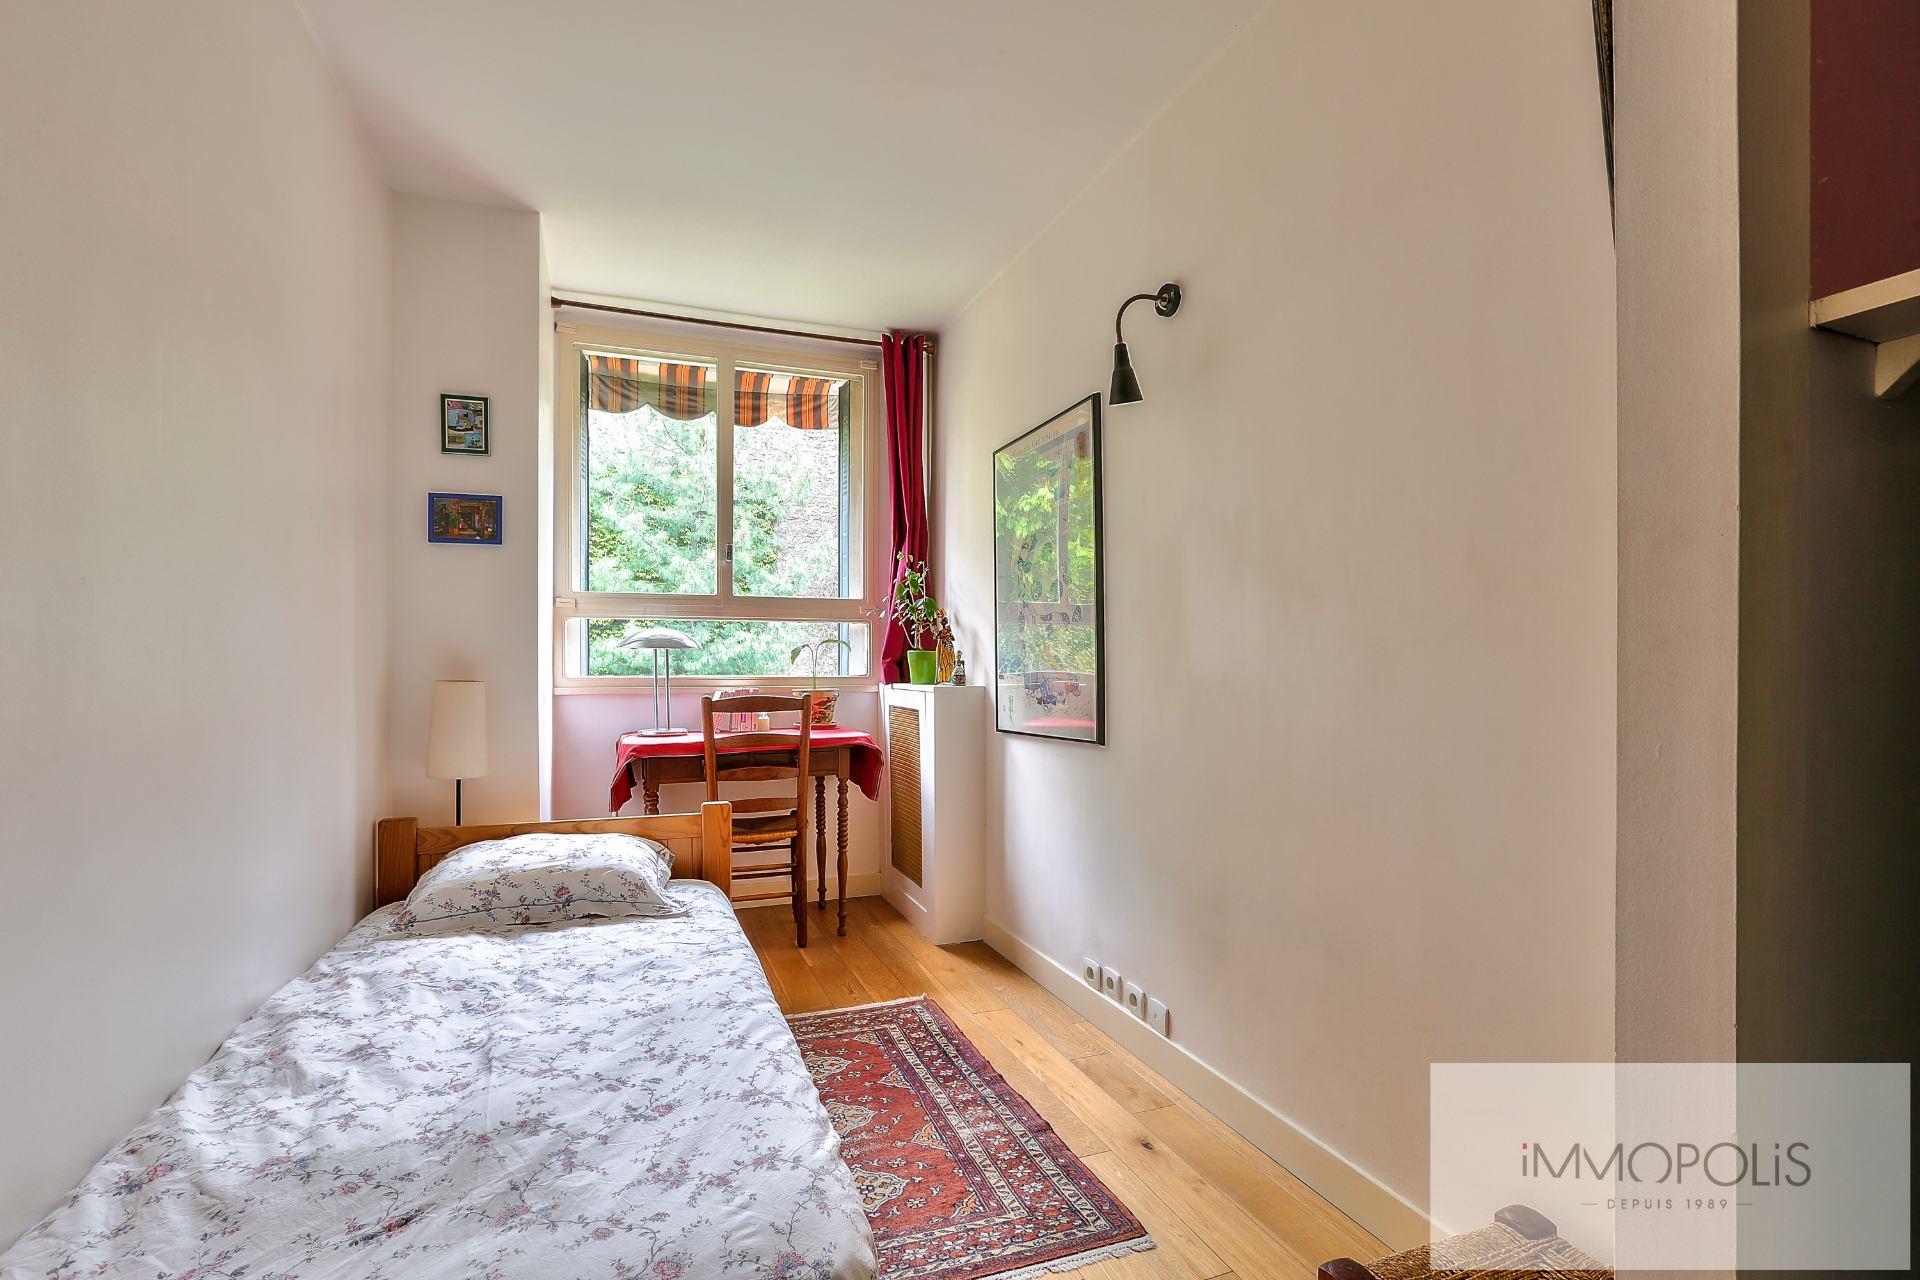 Appartement Familial  – 4 pièces 3 chambres – 85 m2 –  Balcon 3